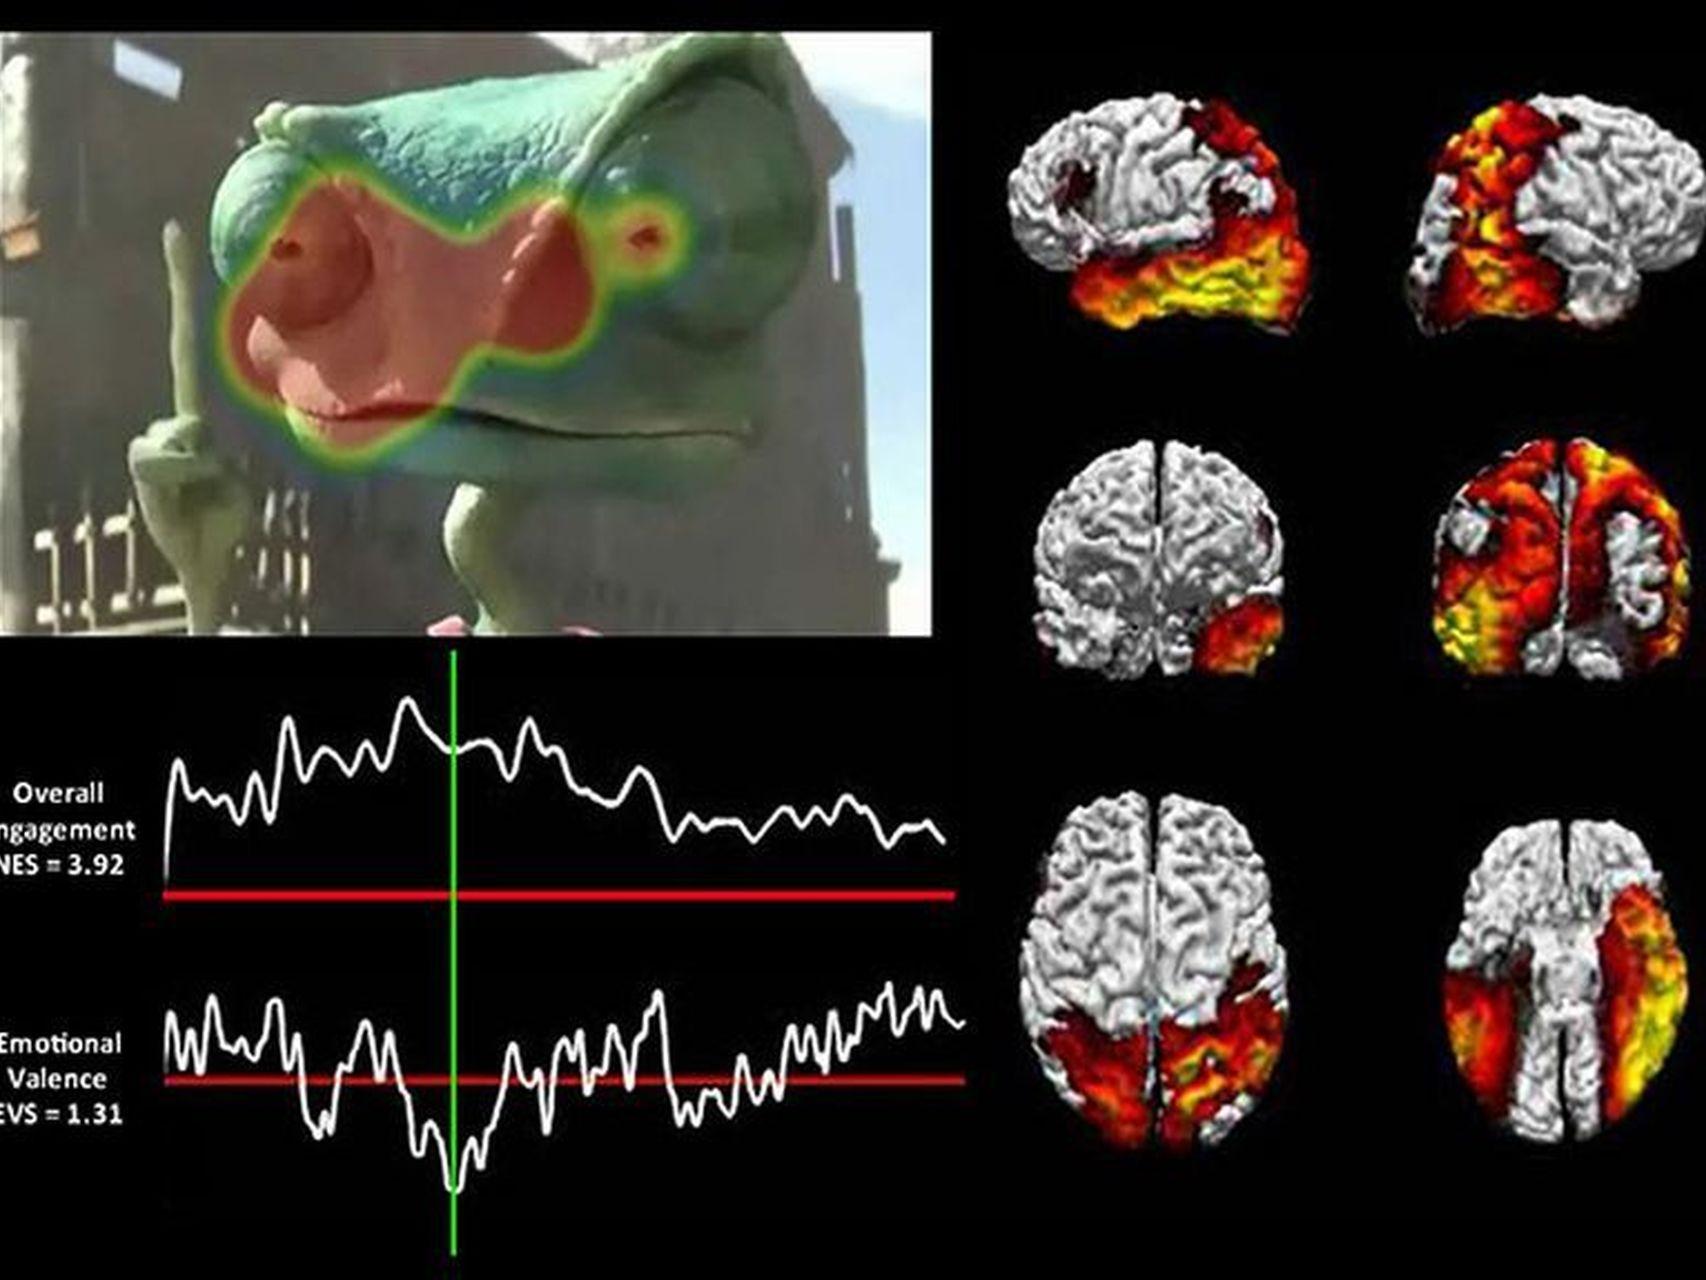 Tecnicas-neuroimagen-aplicadas-cine_91000936_381612_1706x1280